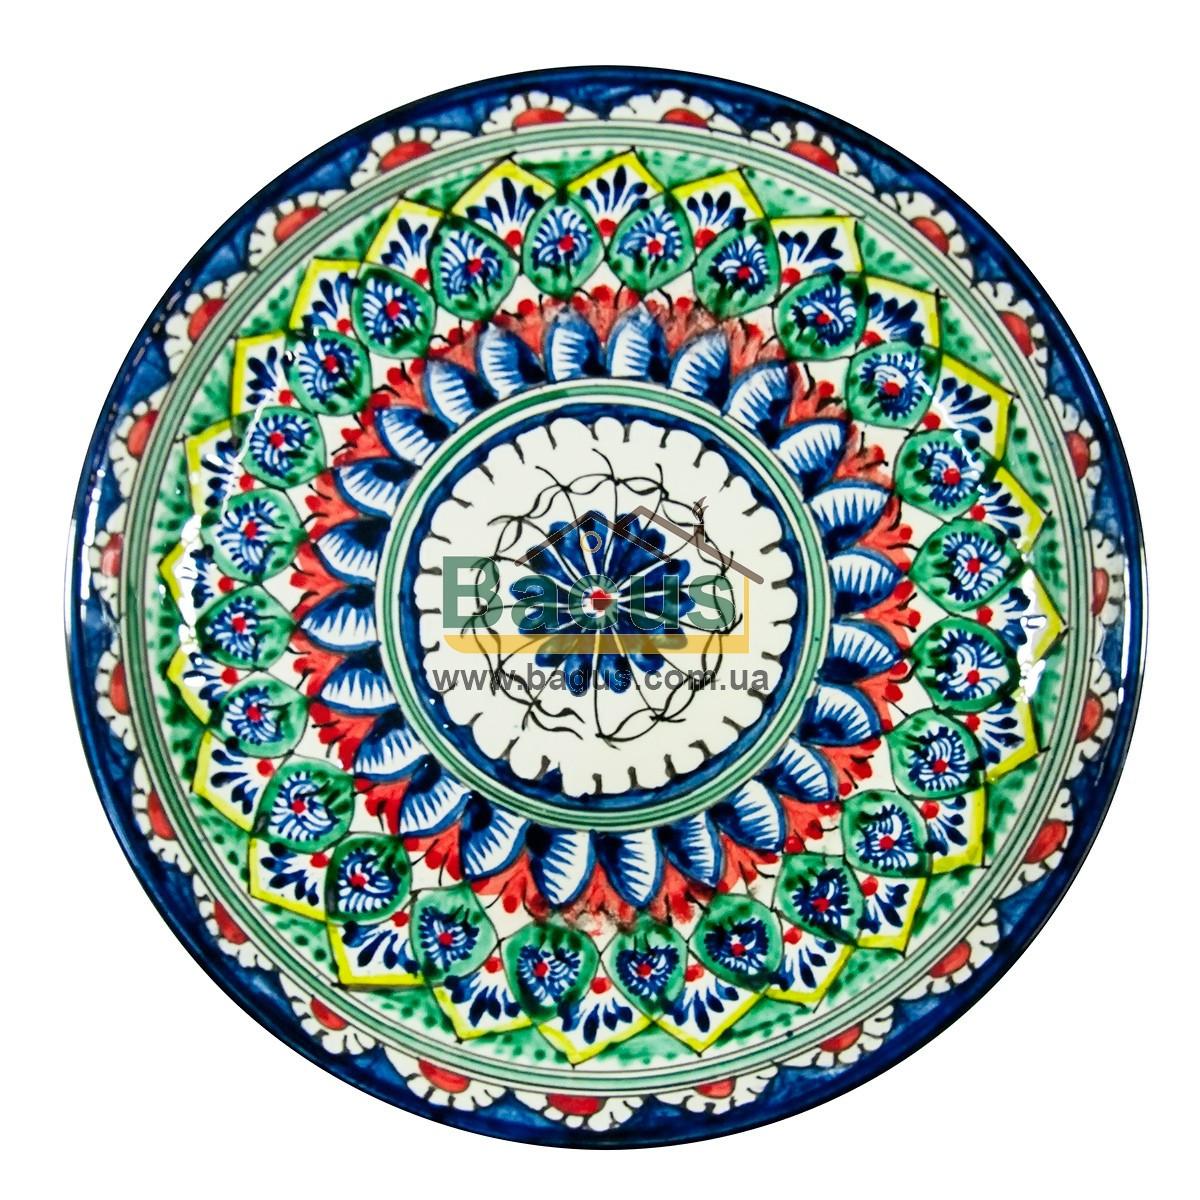 Ляган узбекский (тарелка узбекская) диаметр 25см ручная работа 2504-02